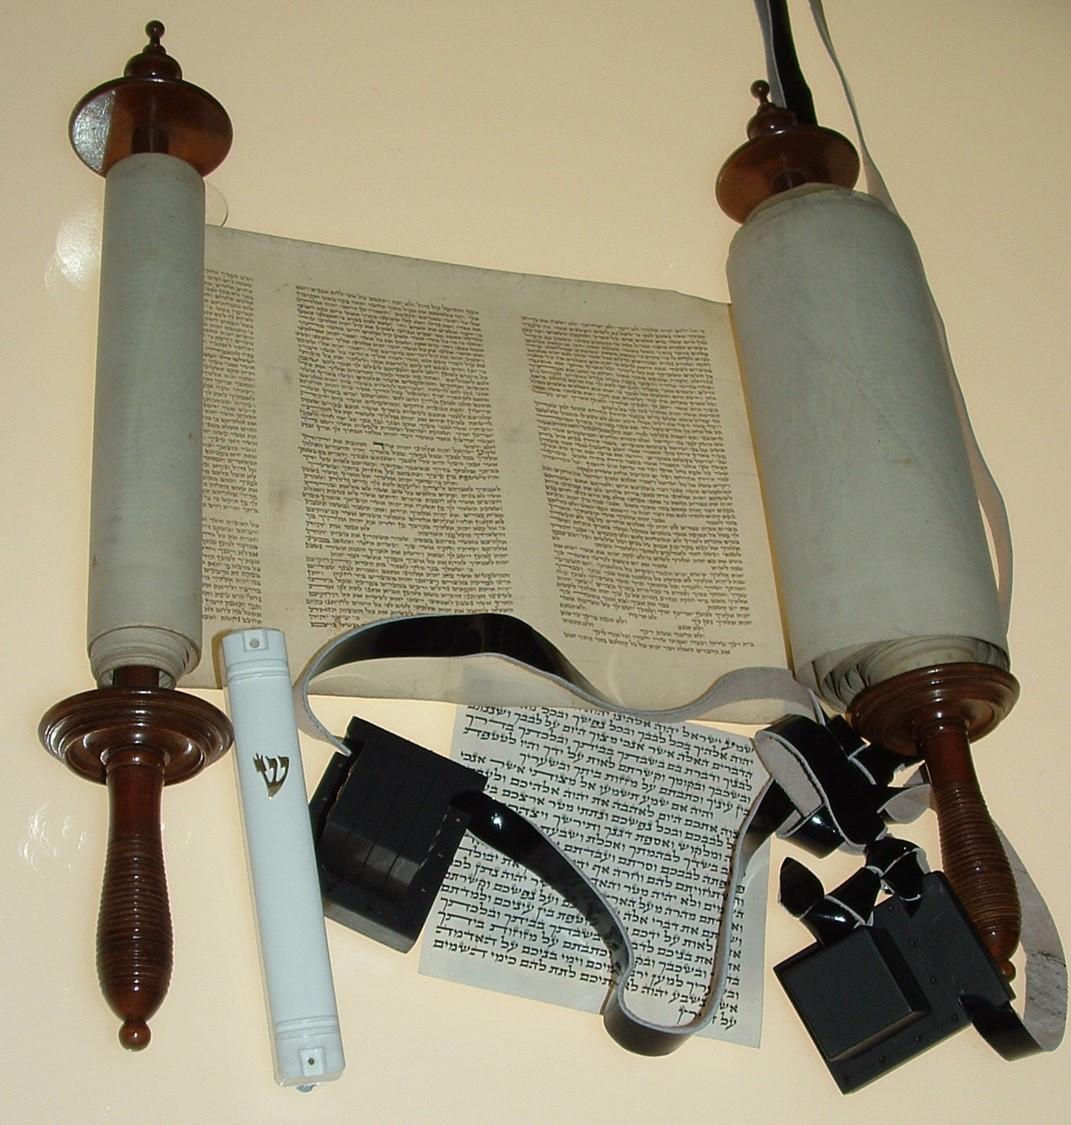 sefer torah and safrut equipment